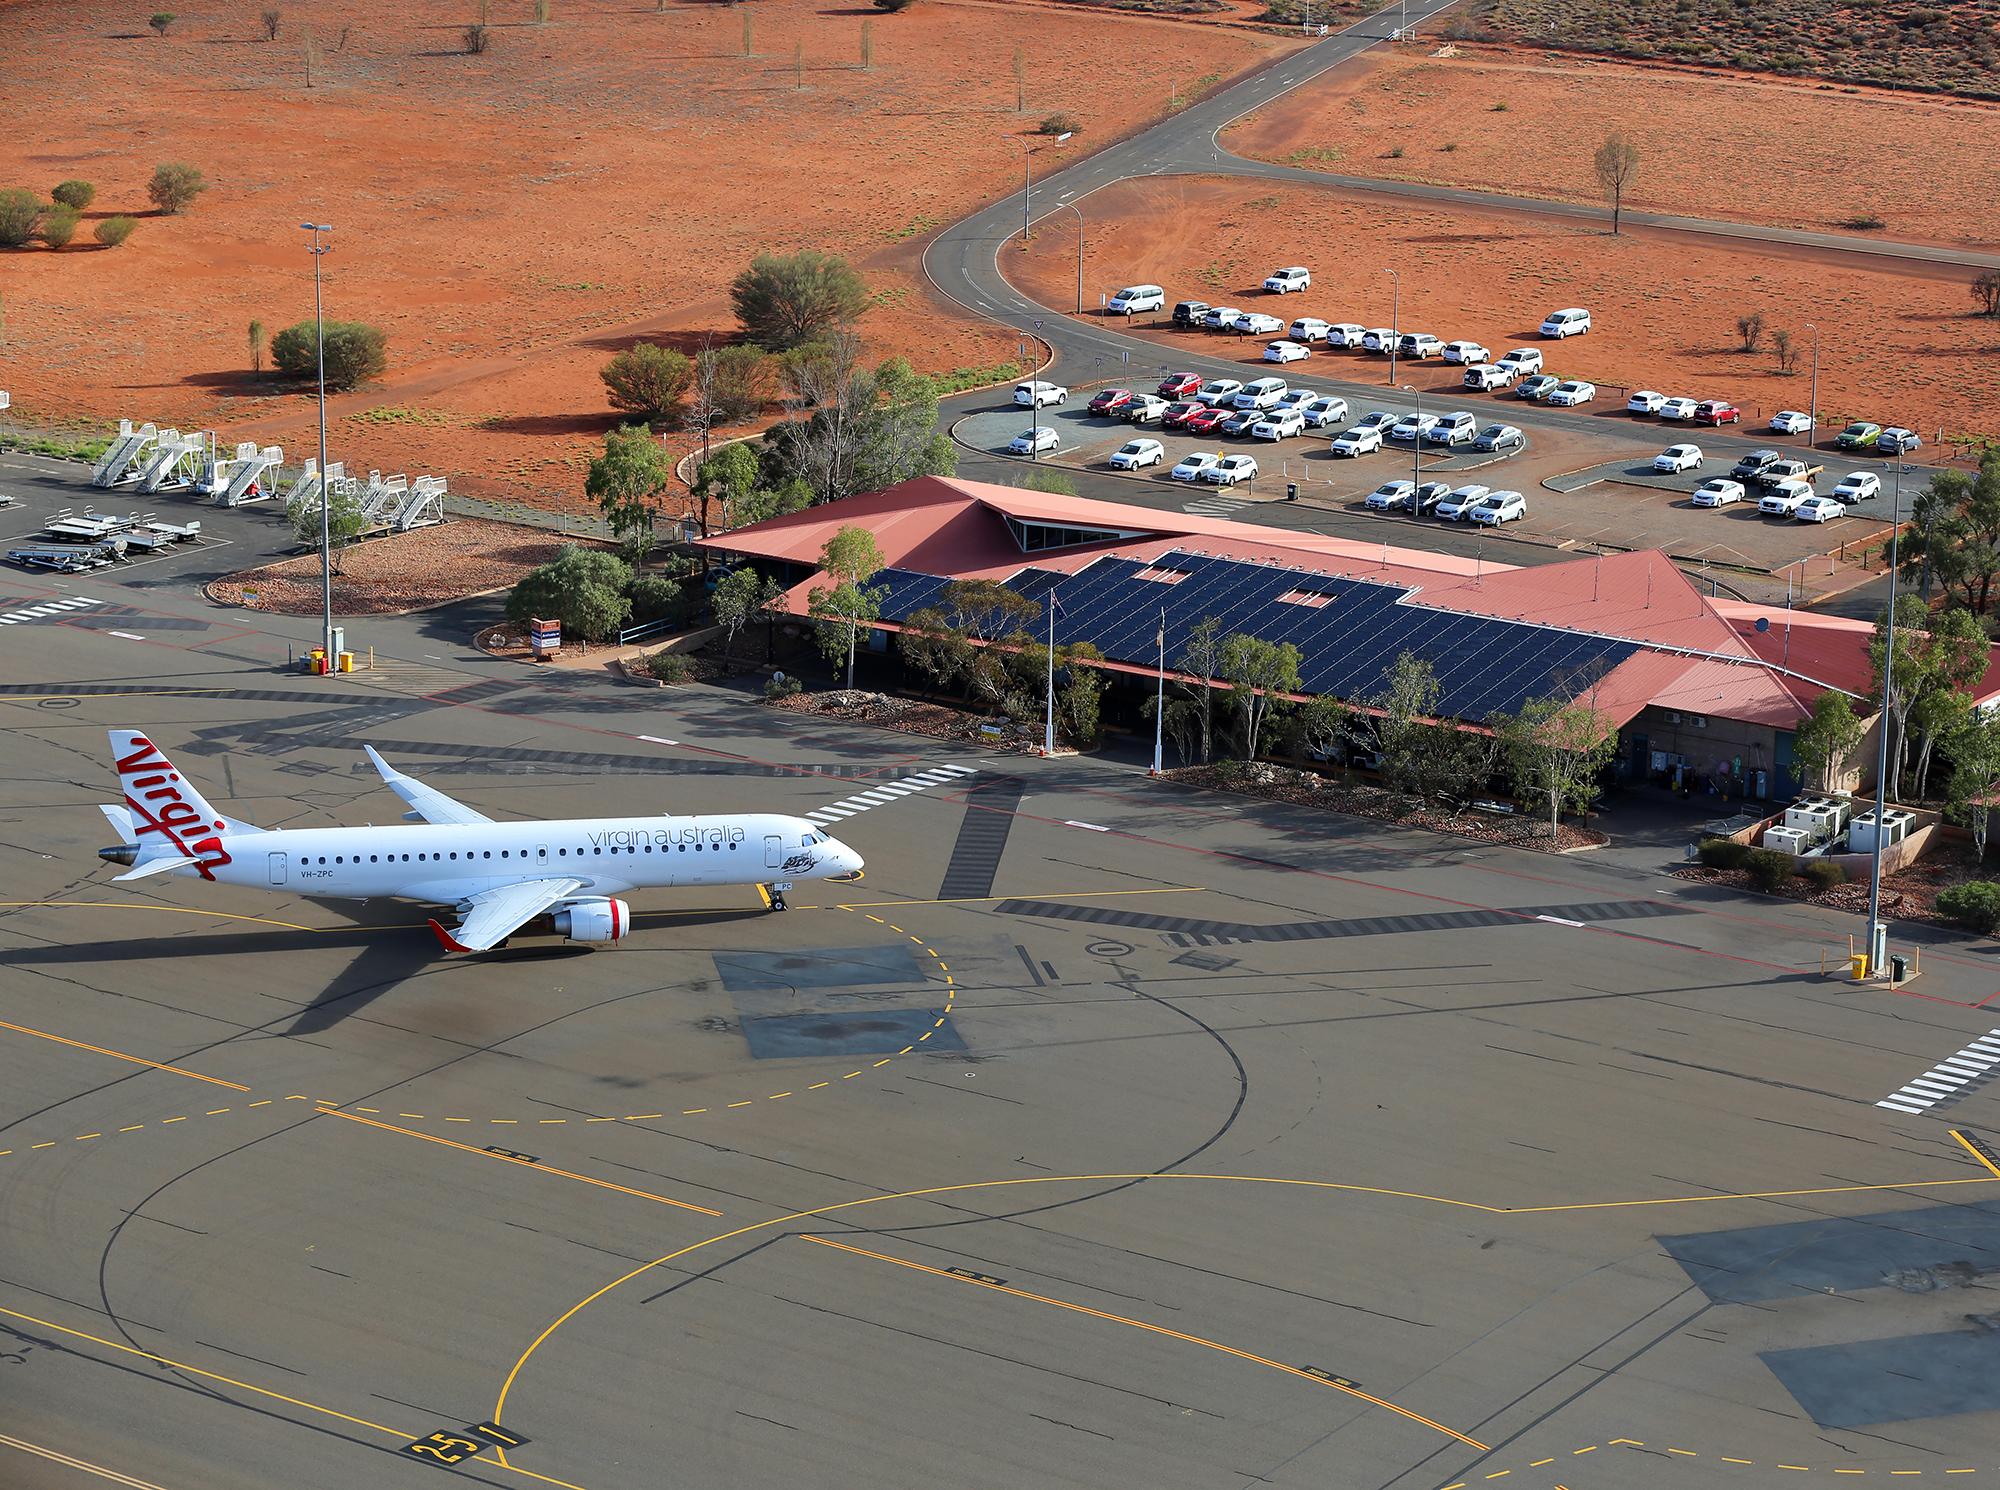 Airport at Ayers Rock